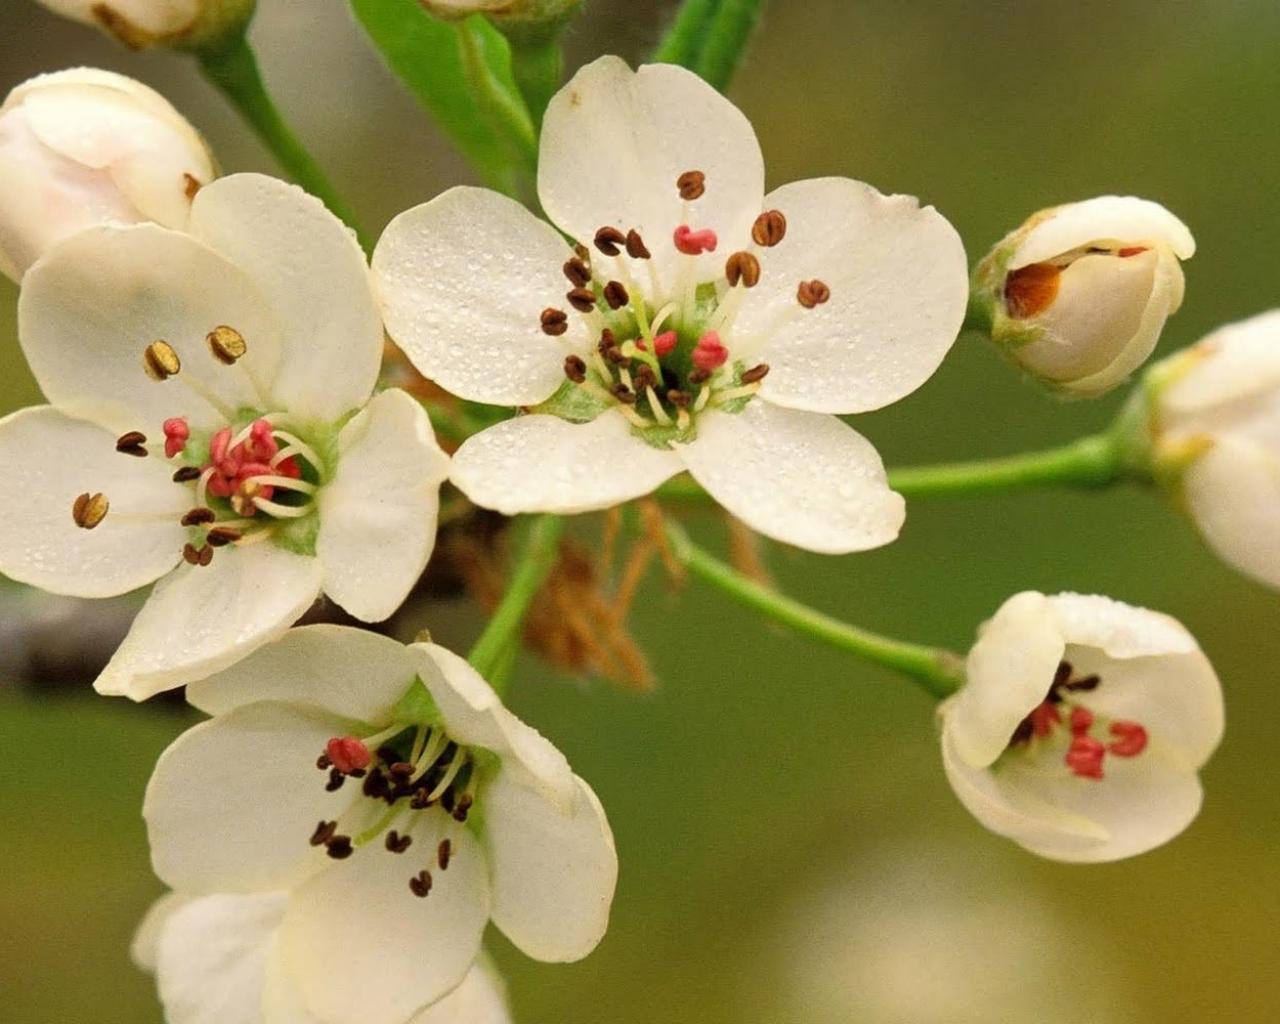 Flores blancas con pistilos - 1280x1024